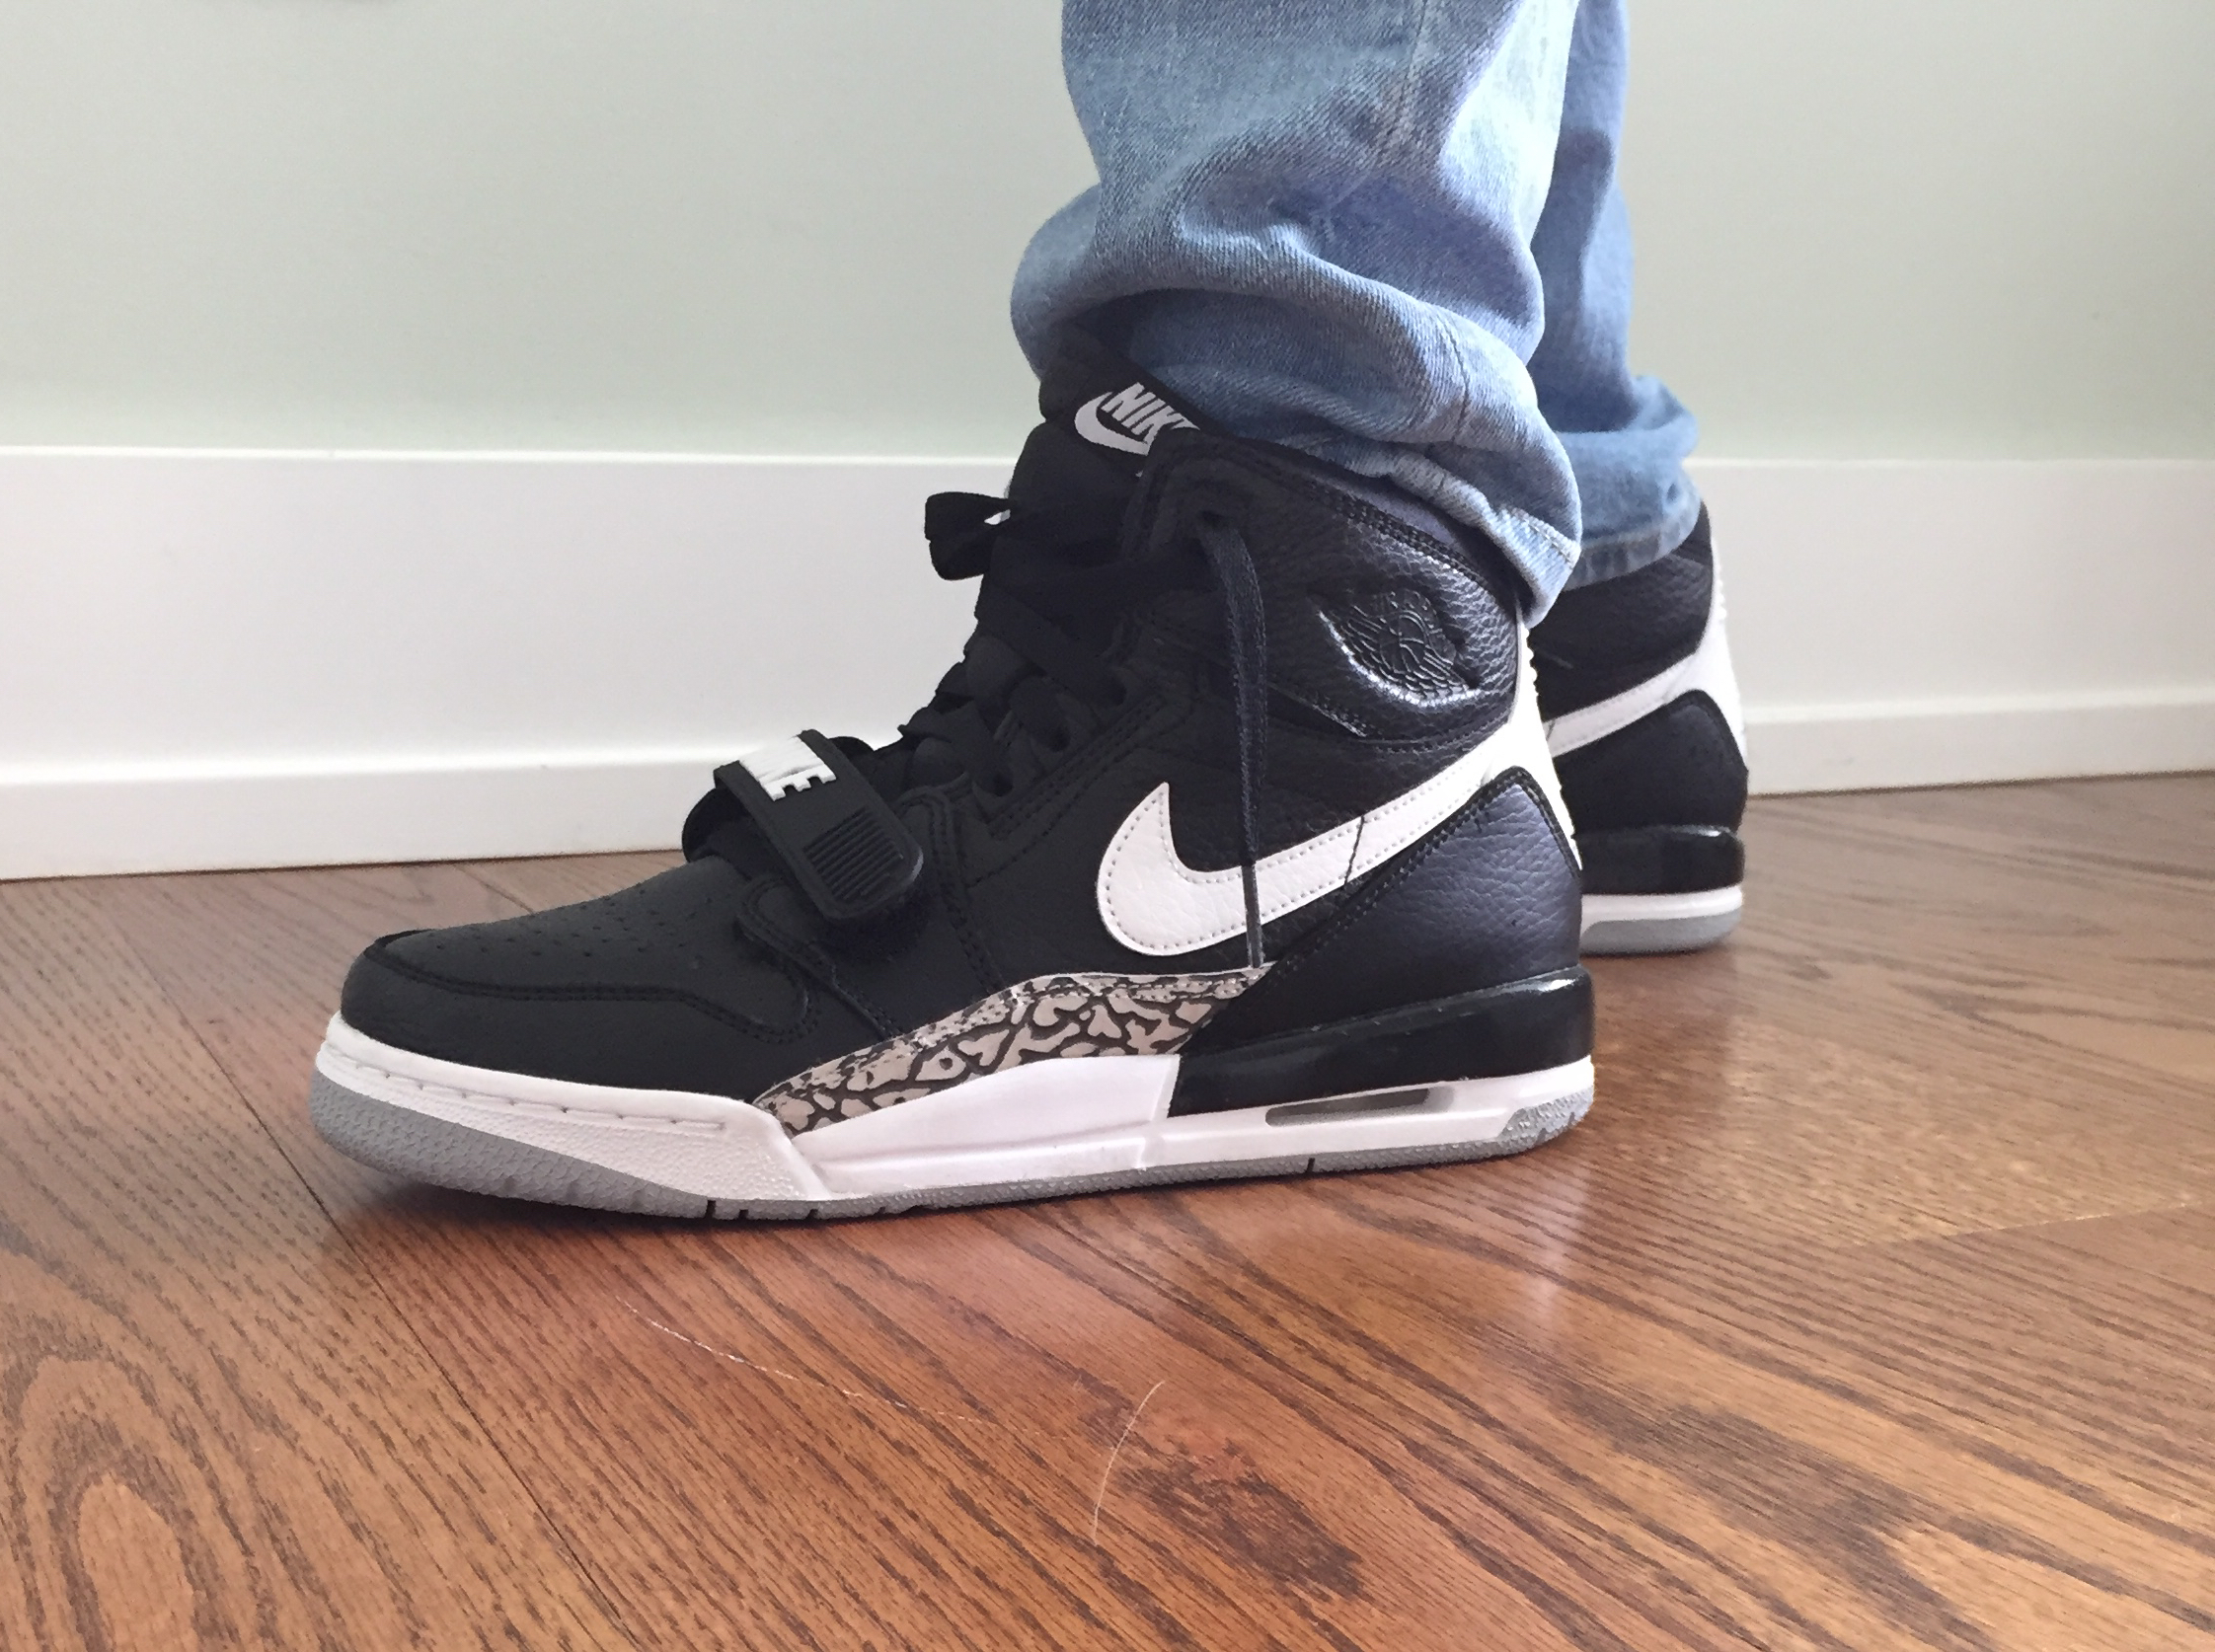 Jordan Legacy 312 Black White